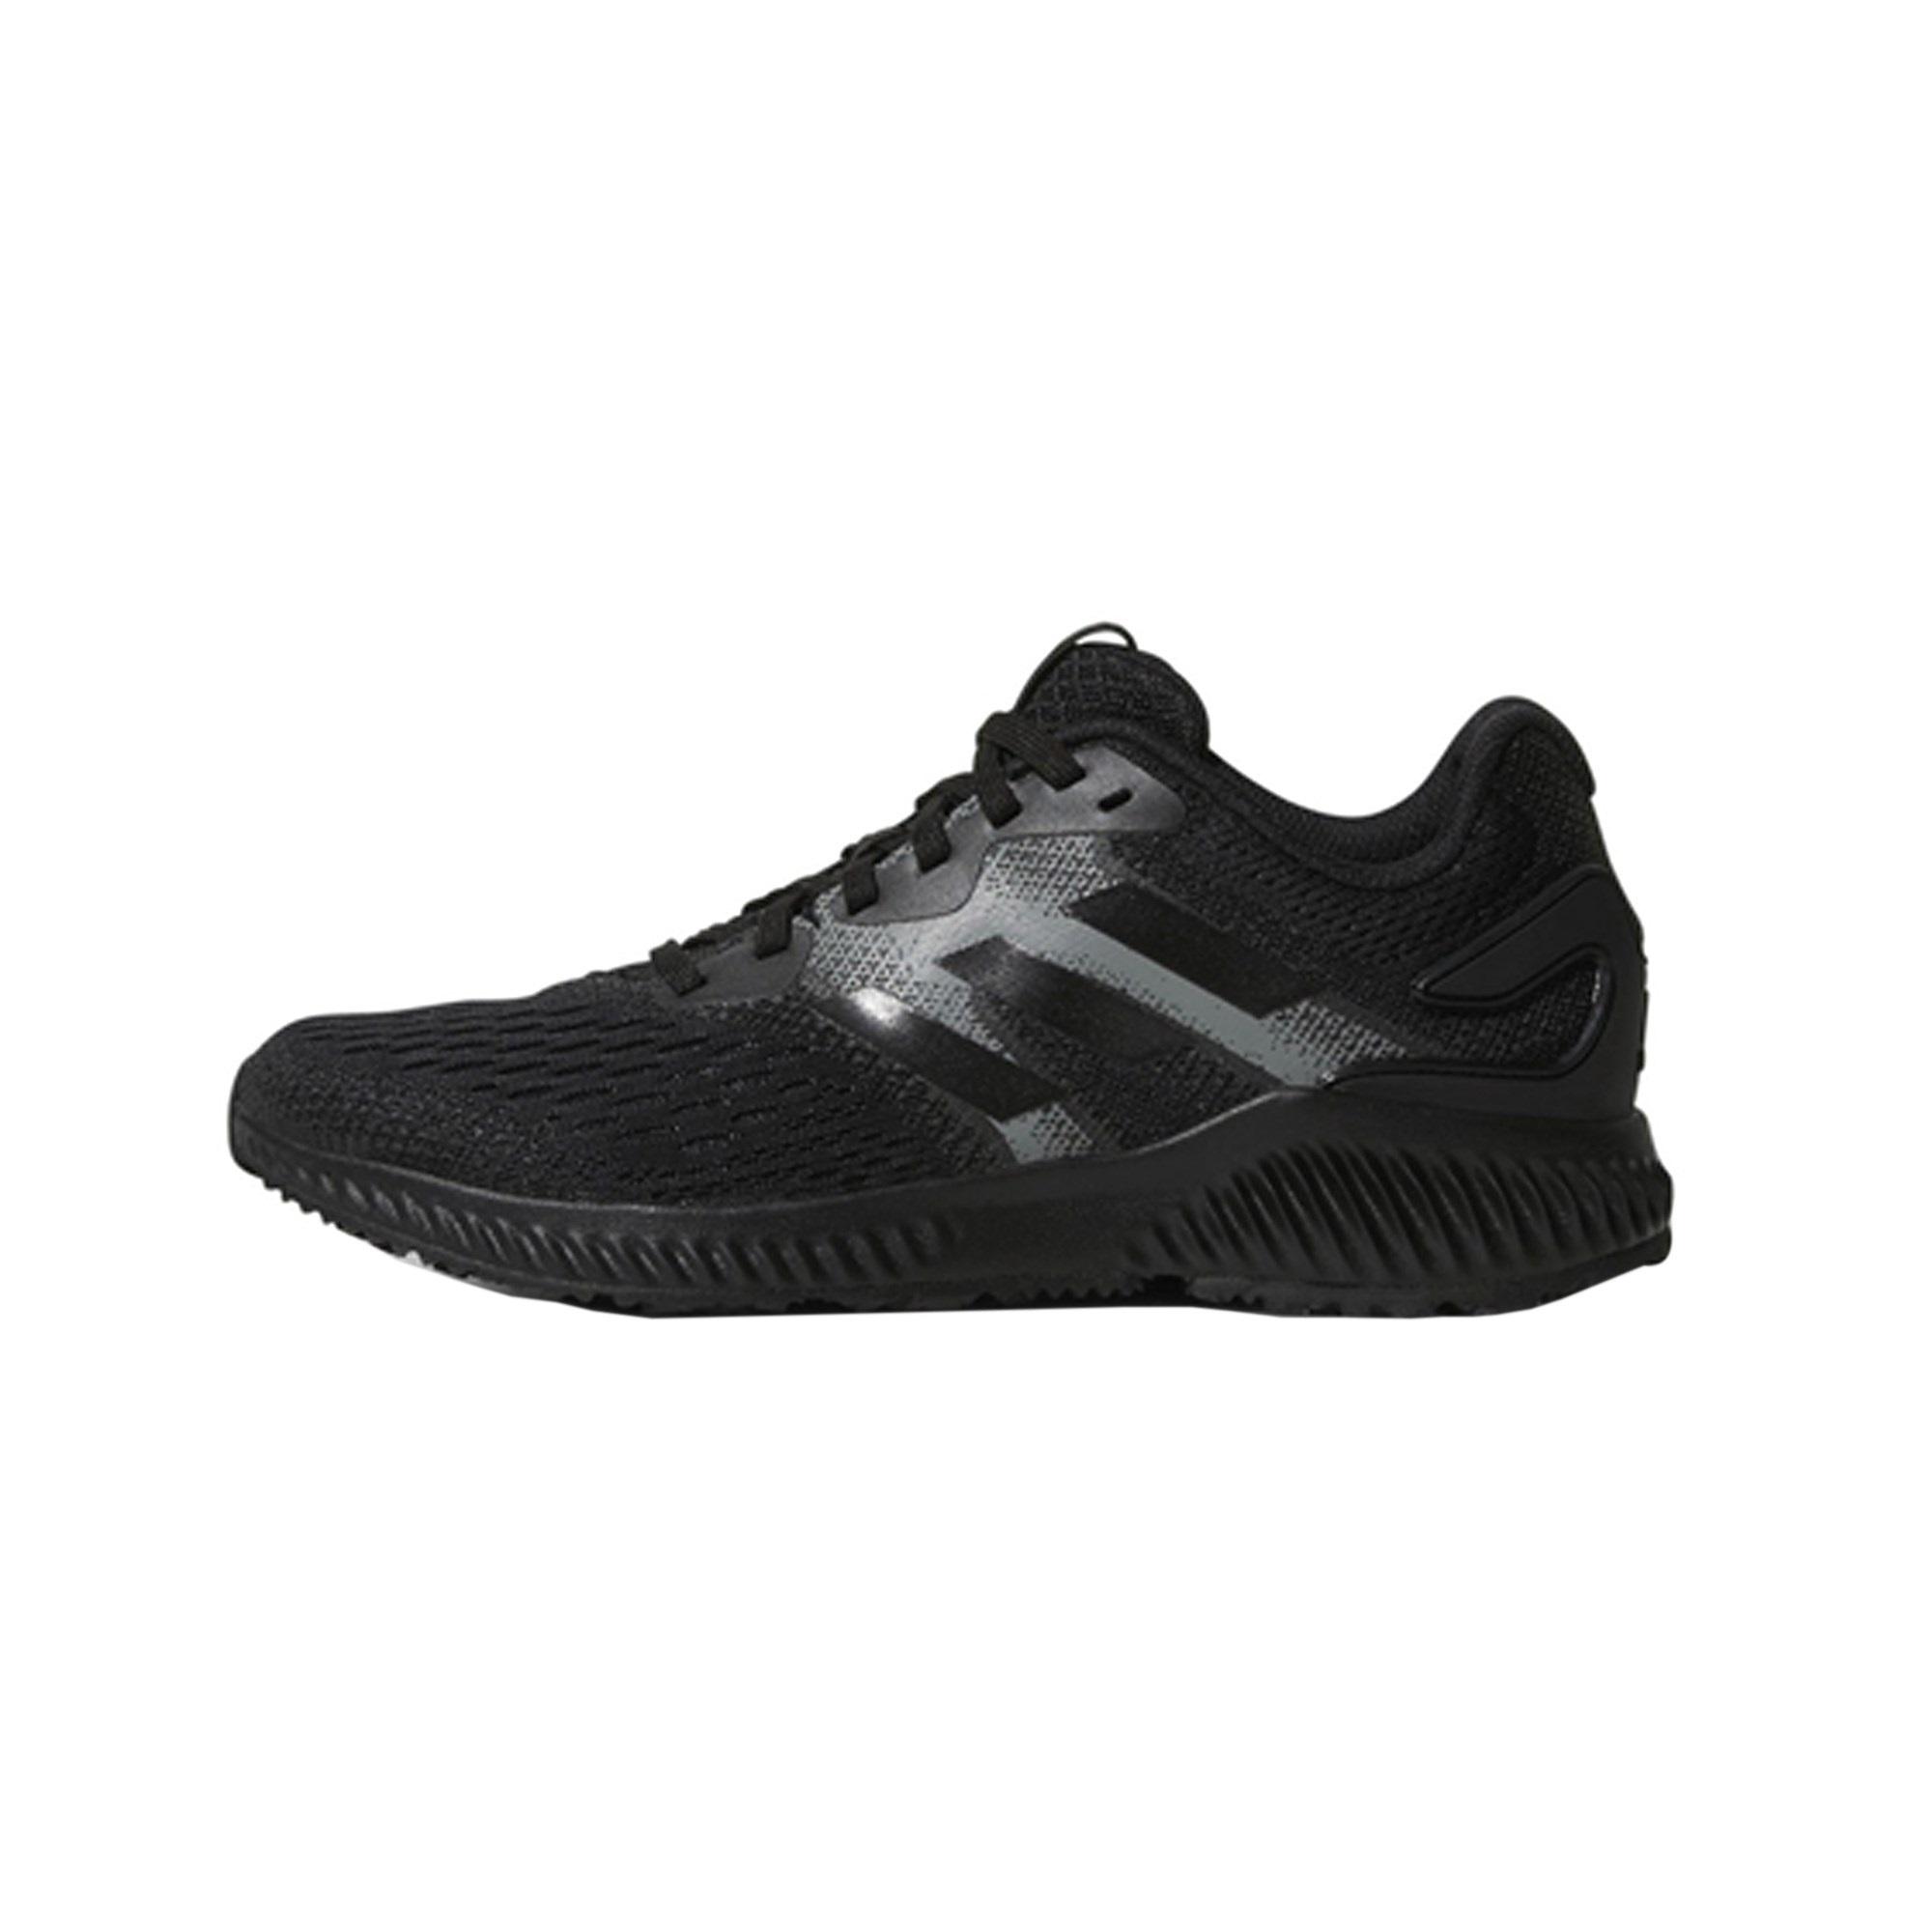 کفش مخصوص دویدن زنانه آدیداس مدل aerobounce کد CG4582